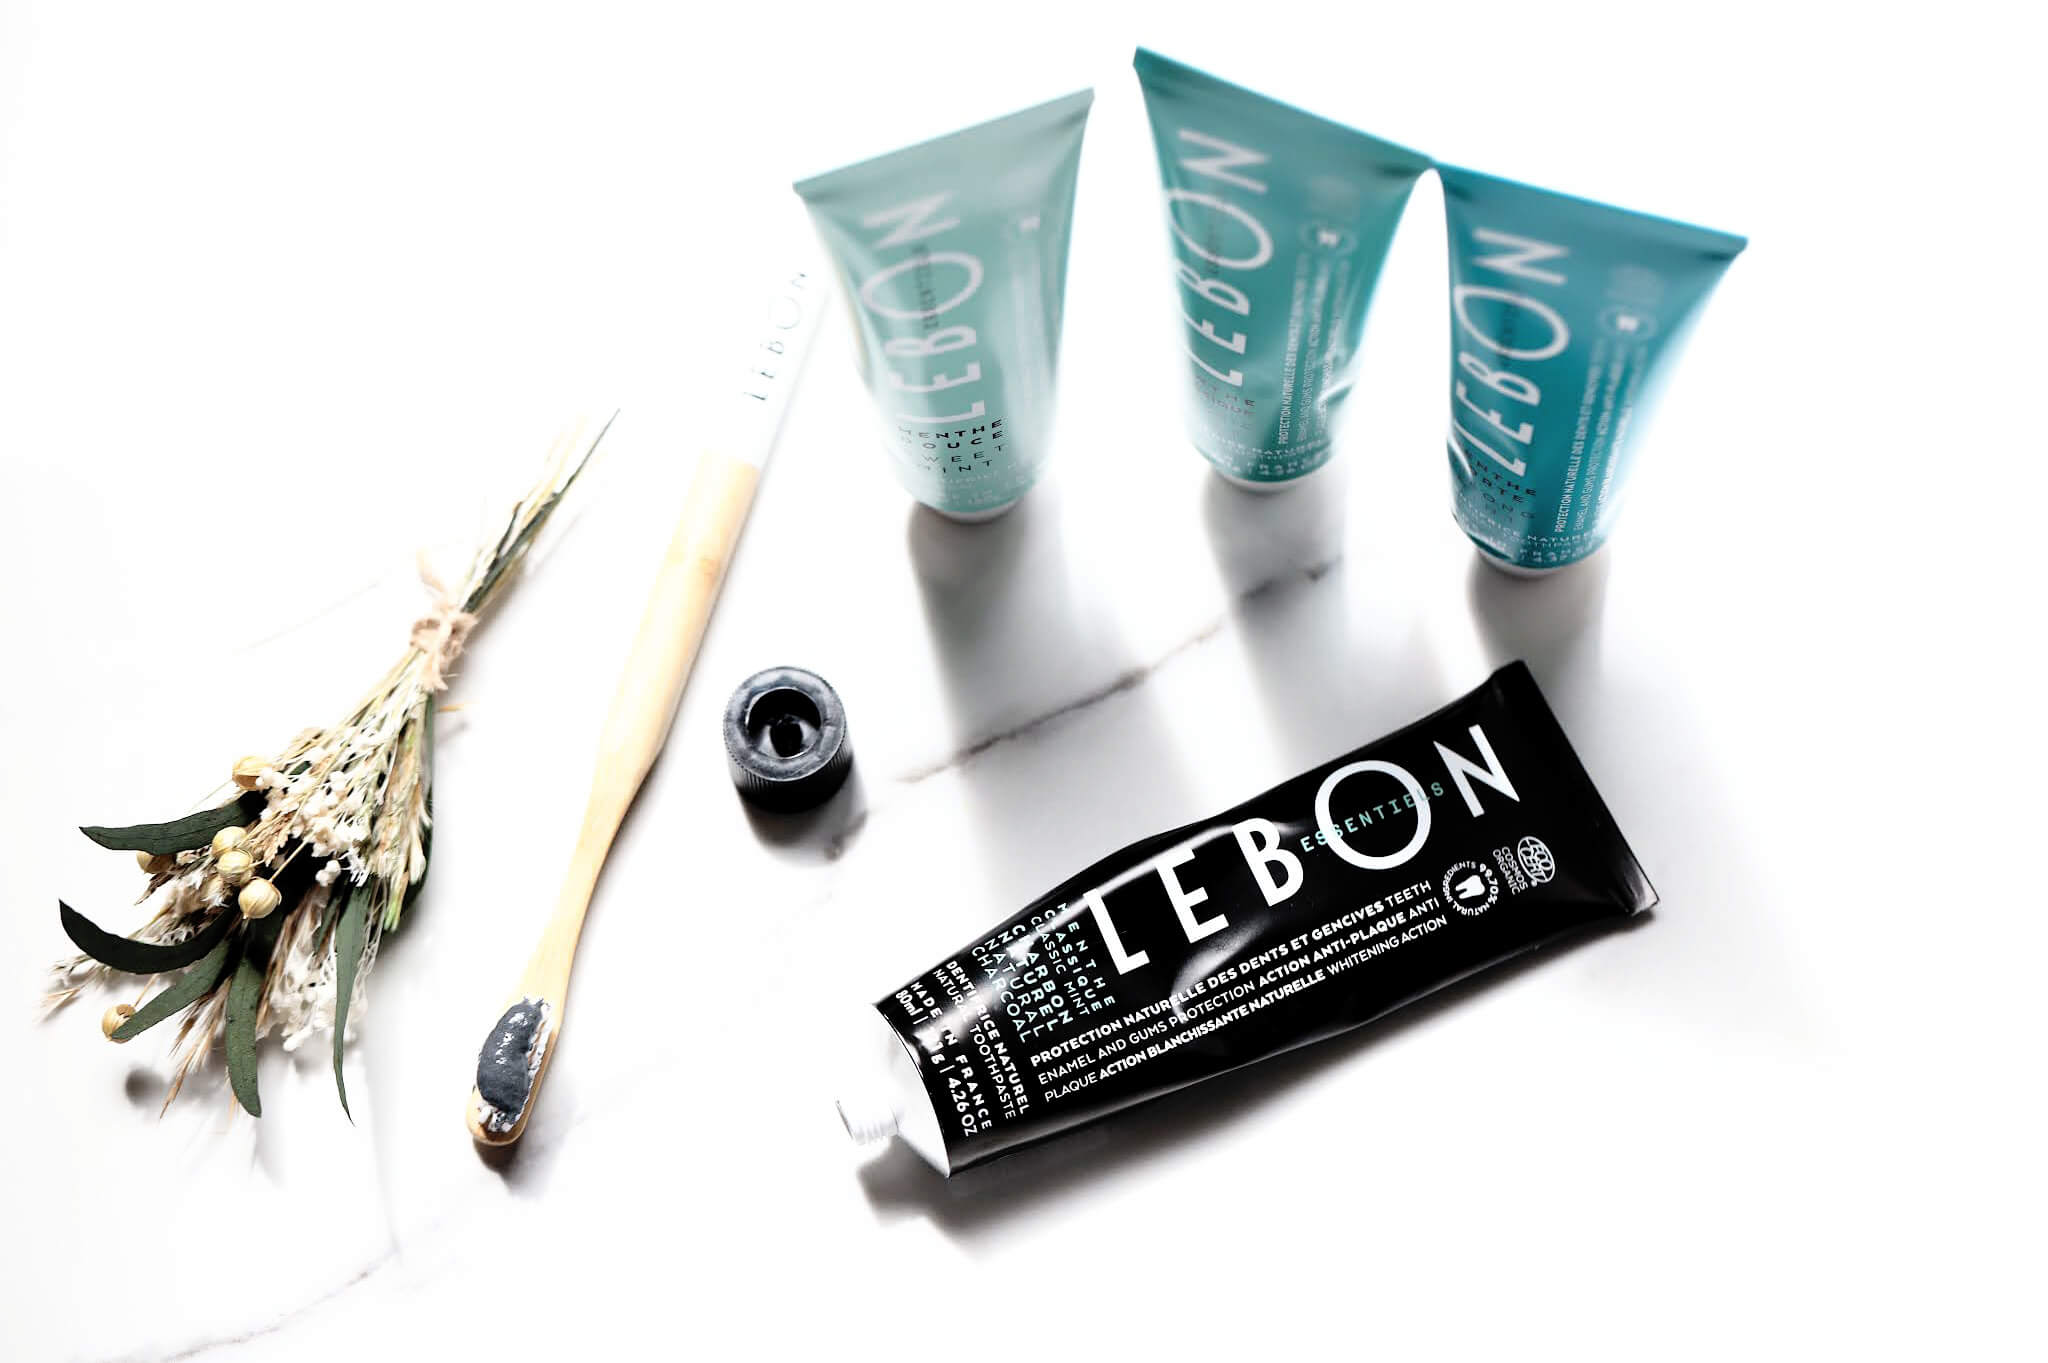 Lebon Collection Essentiels Menthe